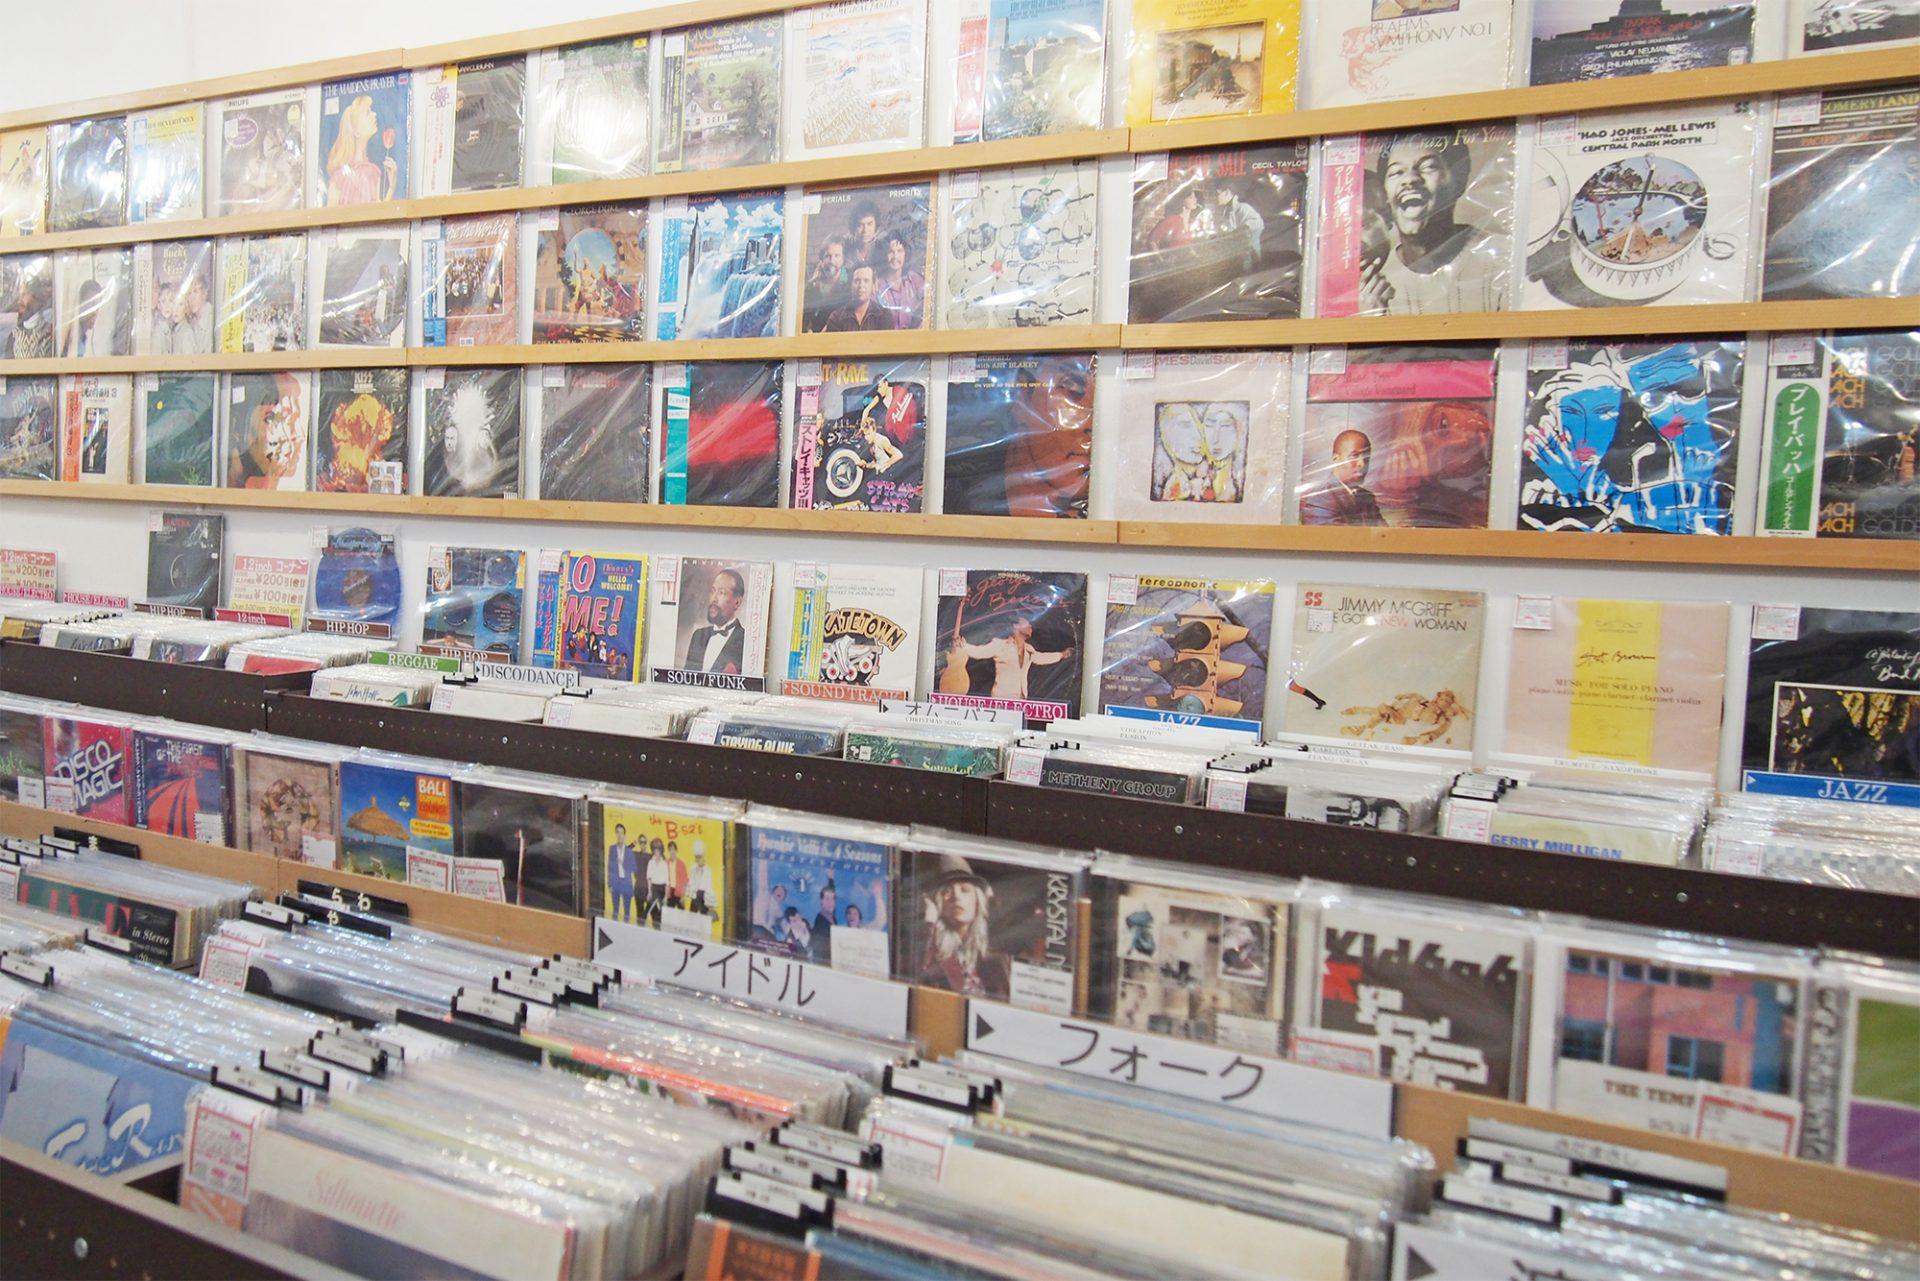 沖縄で出合う音楽!中古レコード店巡りの旅